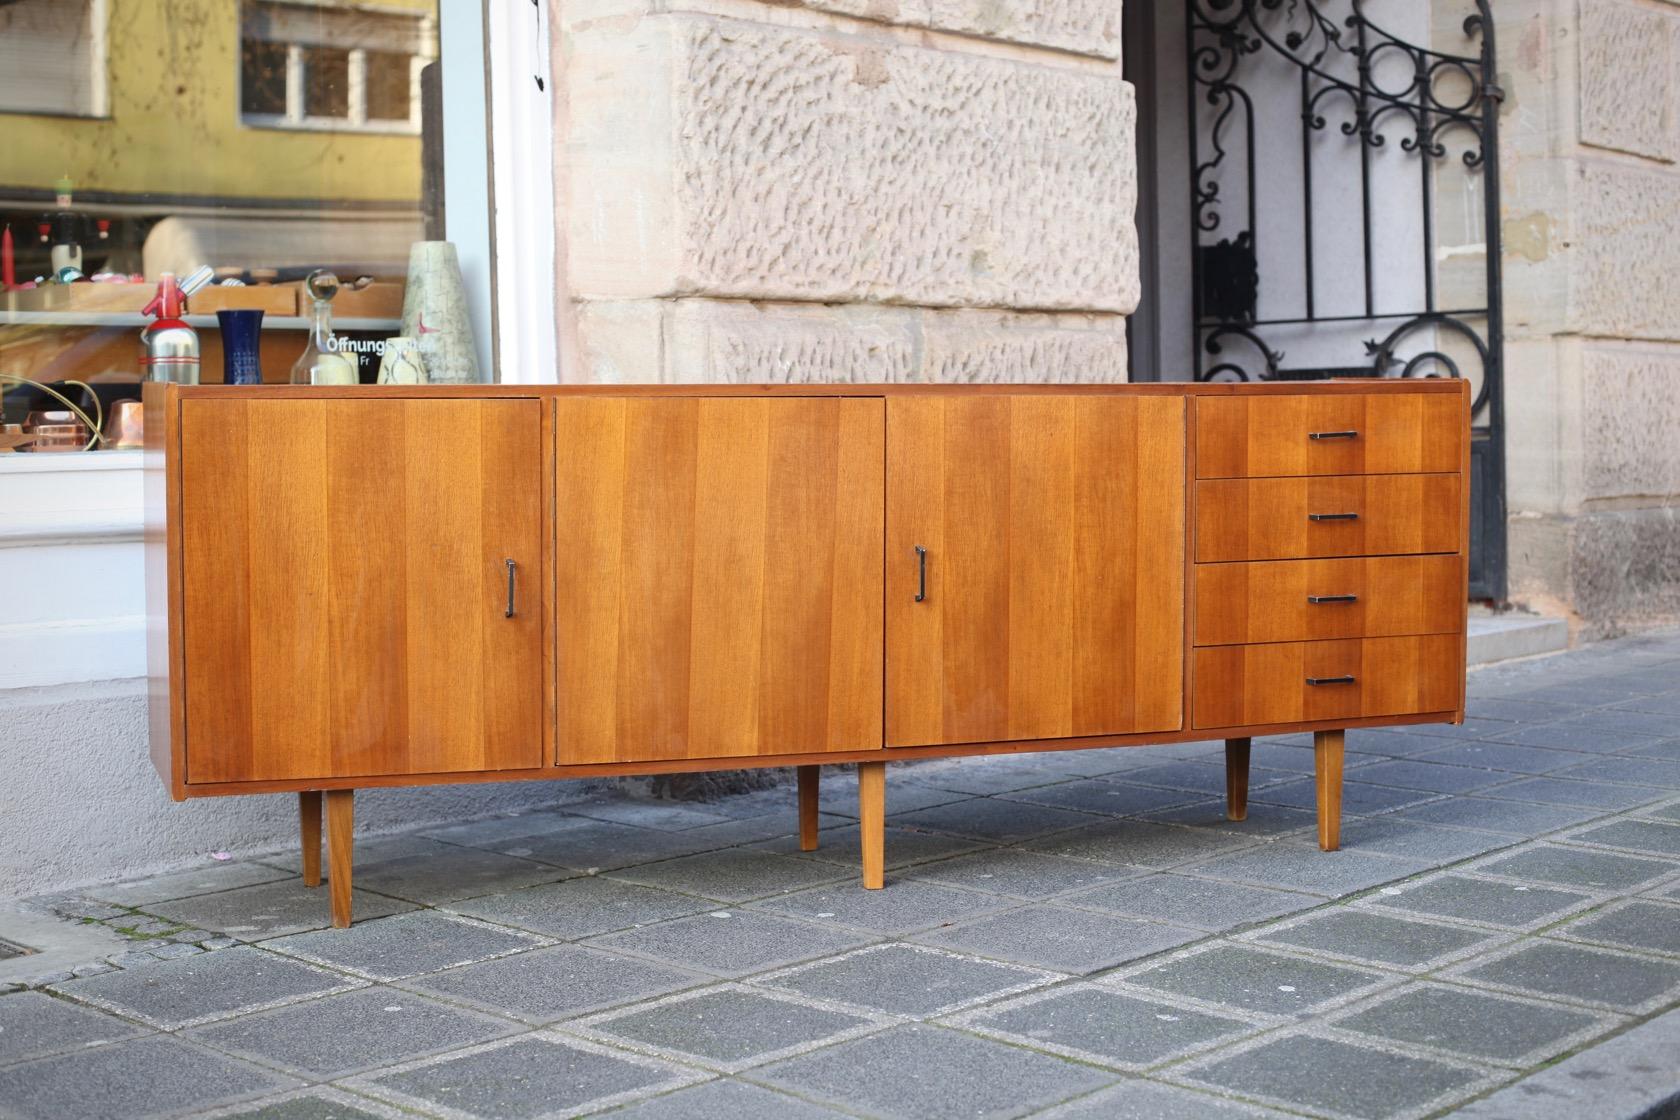 sideboard aus den 50er jahren raumwunder vintage wohnen in n rnberg. Black Bedroom Furniture Sets. Home Design Ideas